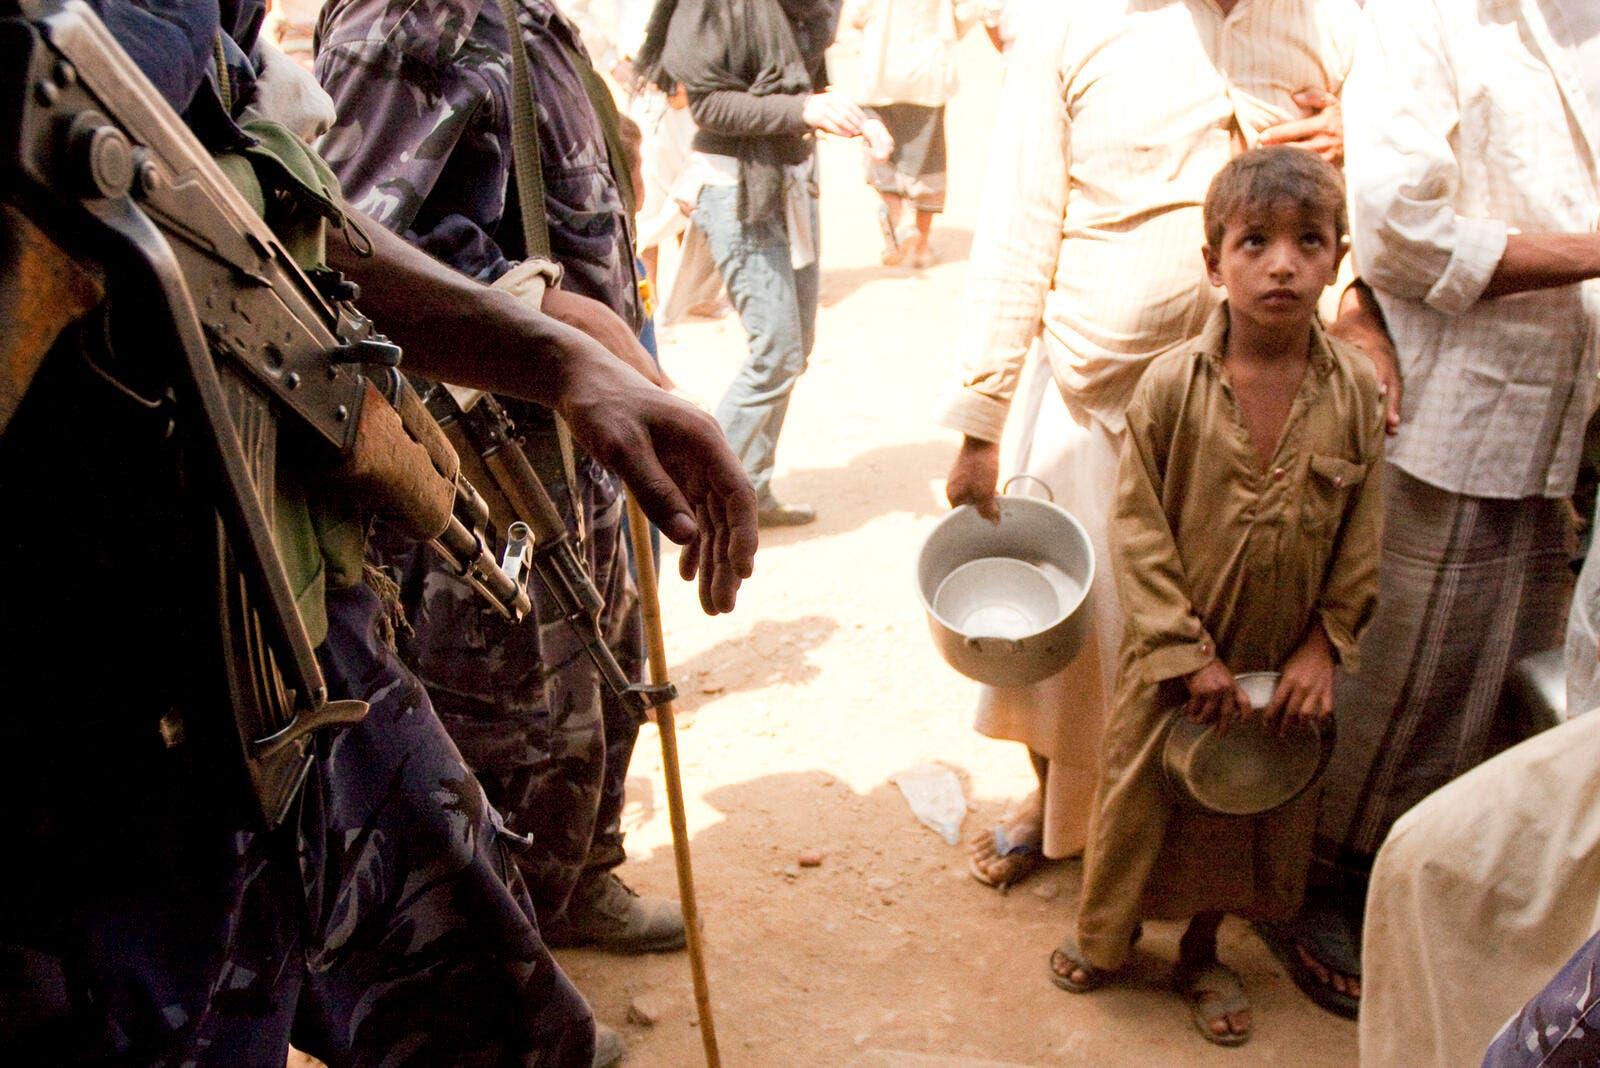 الامم المتحدة: اليمن يشهد أسوأ كارثة